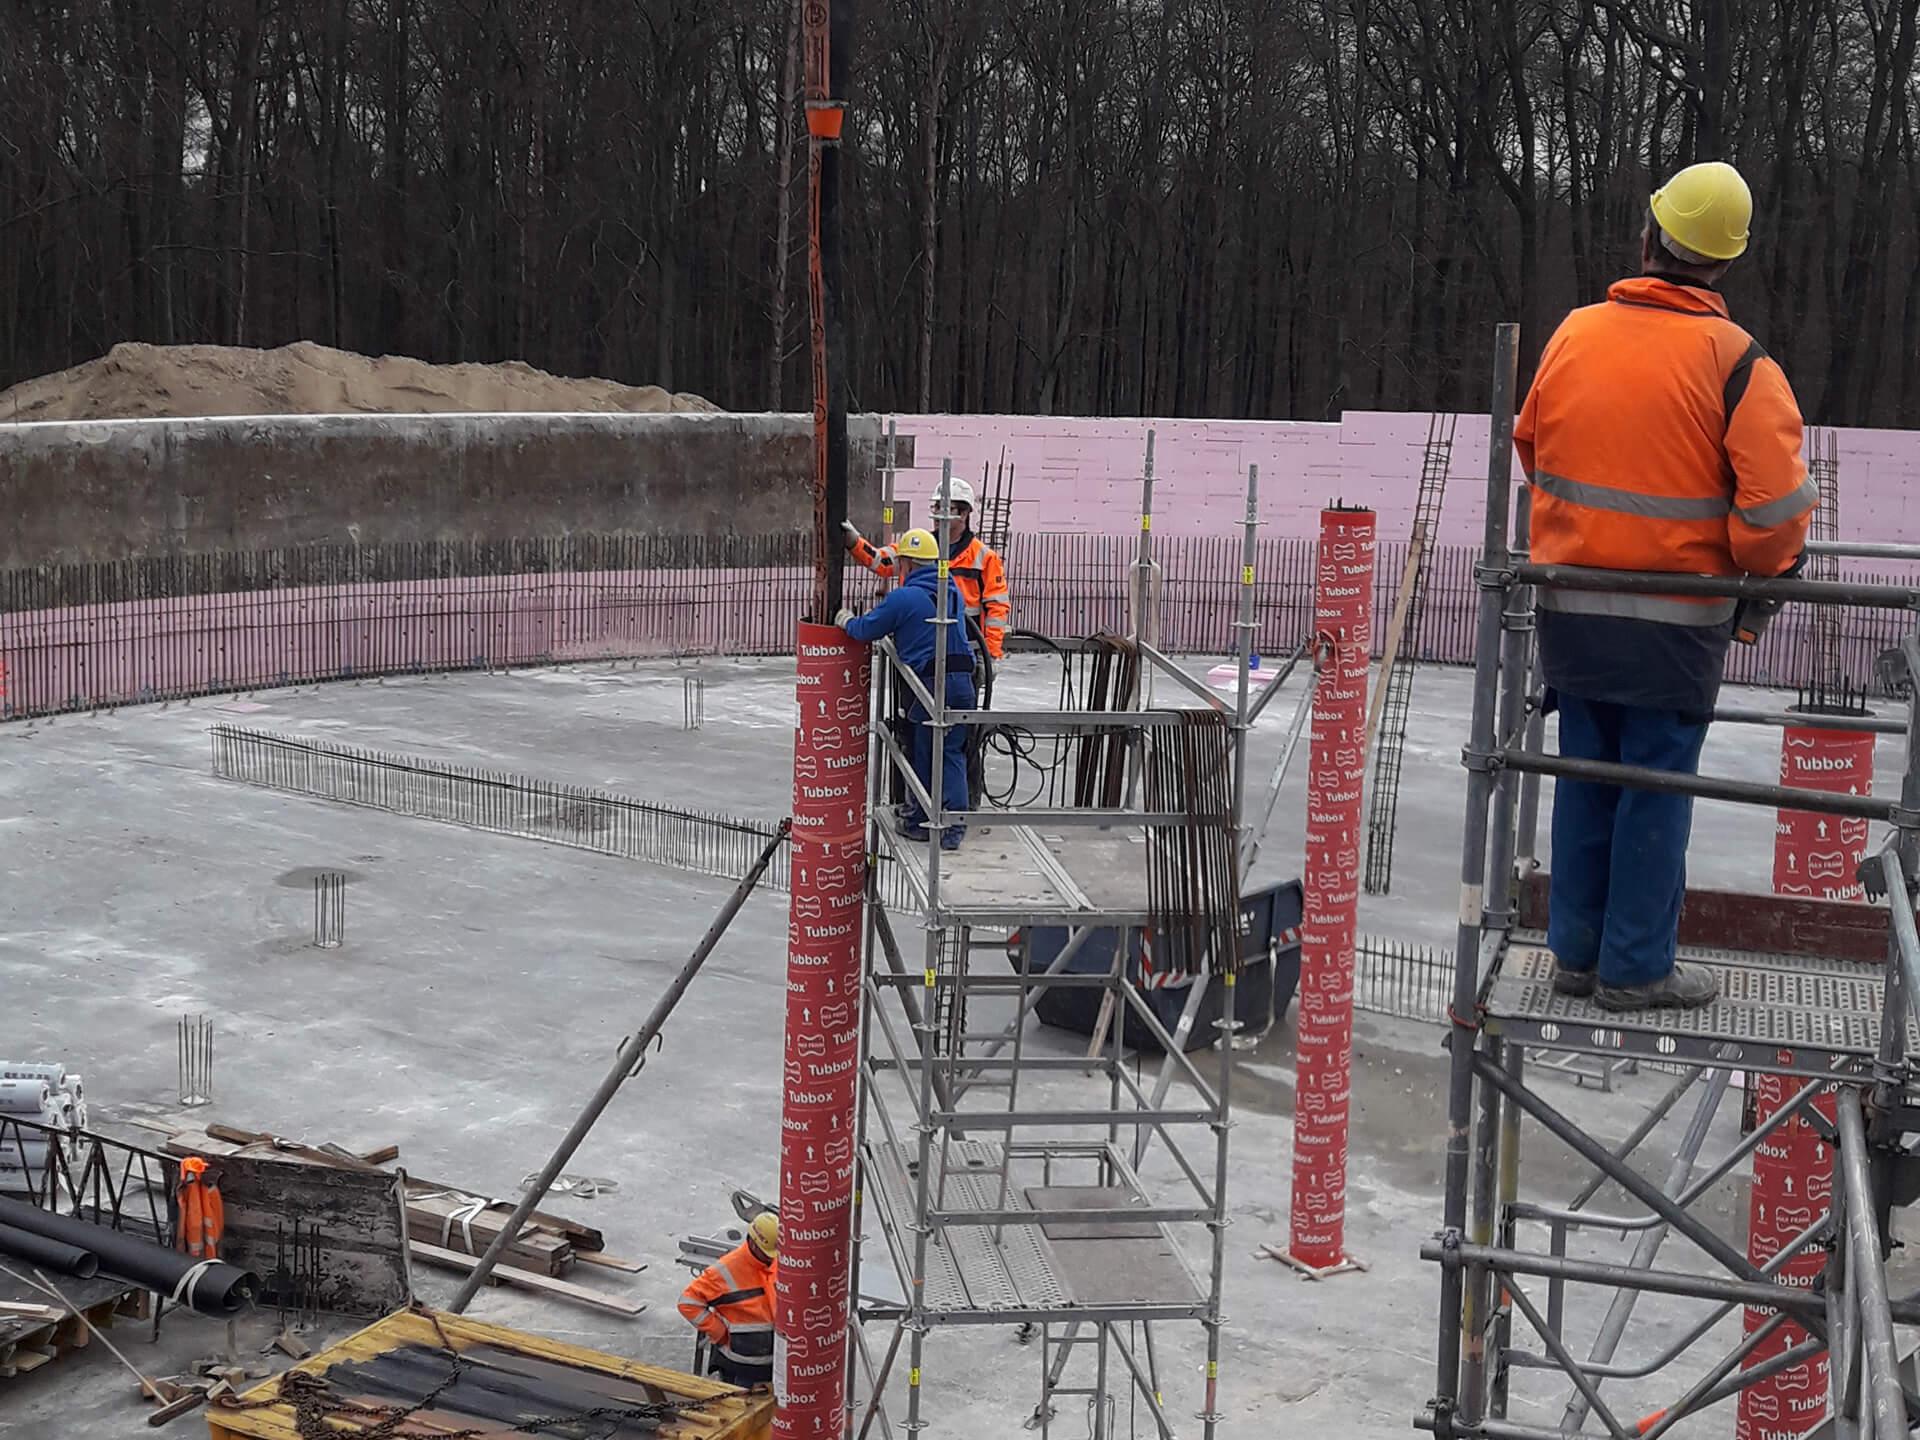 Betonieren der Stützen: Der Beton wird in die Papierhülsen eingefüllt, die präzise ausgerichtet und stabilisiert sind.